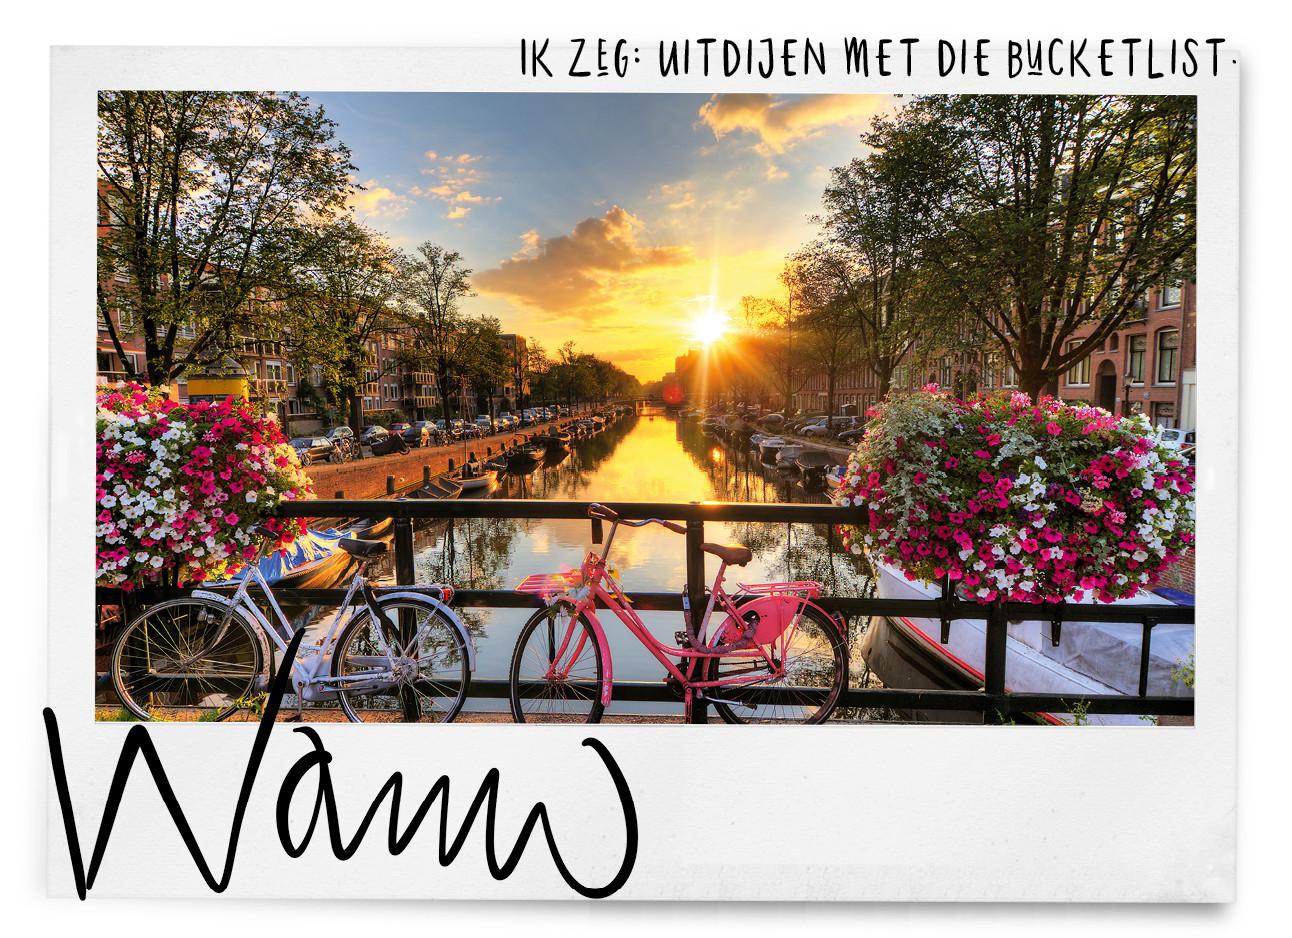 een kiekje van Amsterdam met roze fietsen voor de gracht